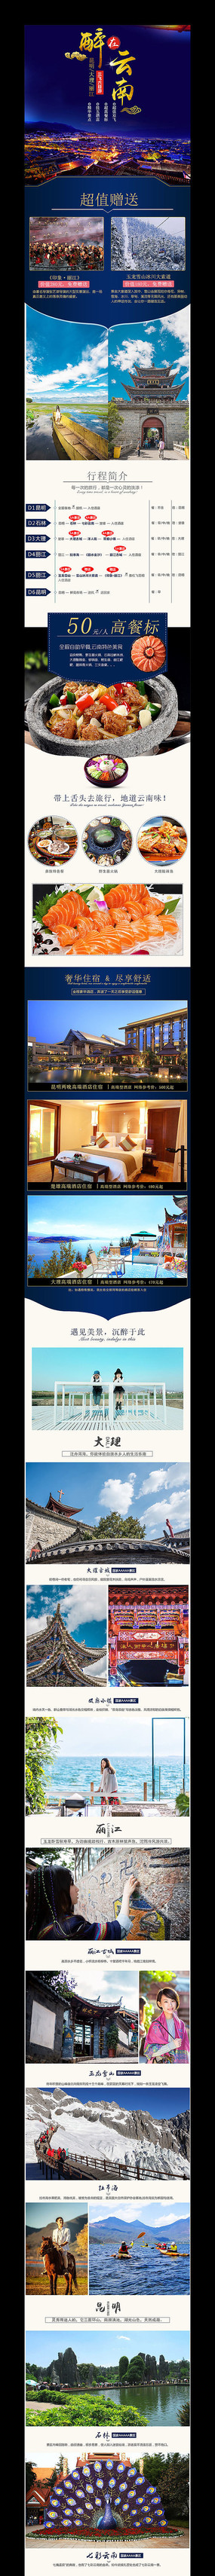 淘宝云南旅游详情页描述模板